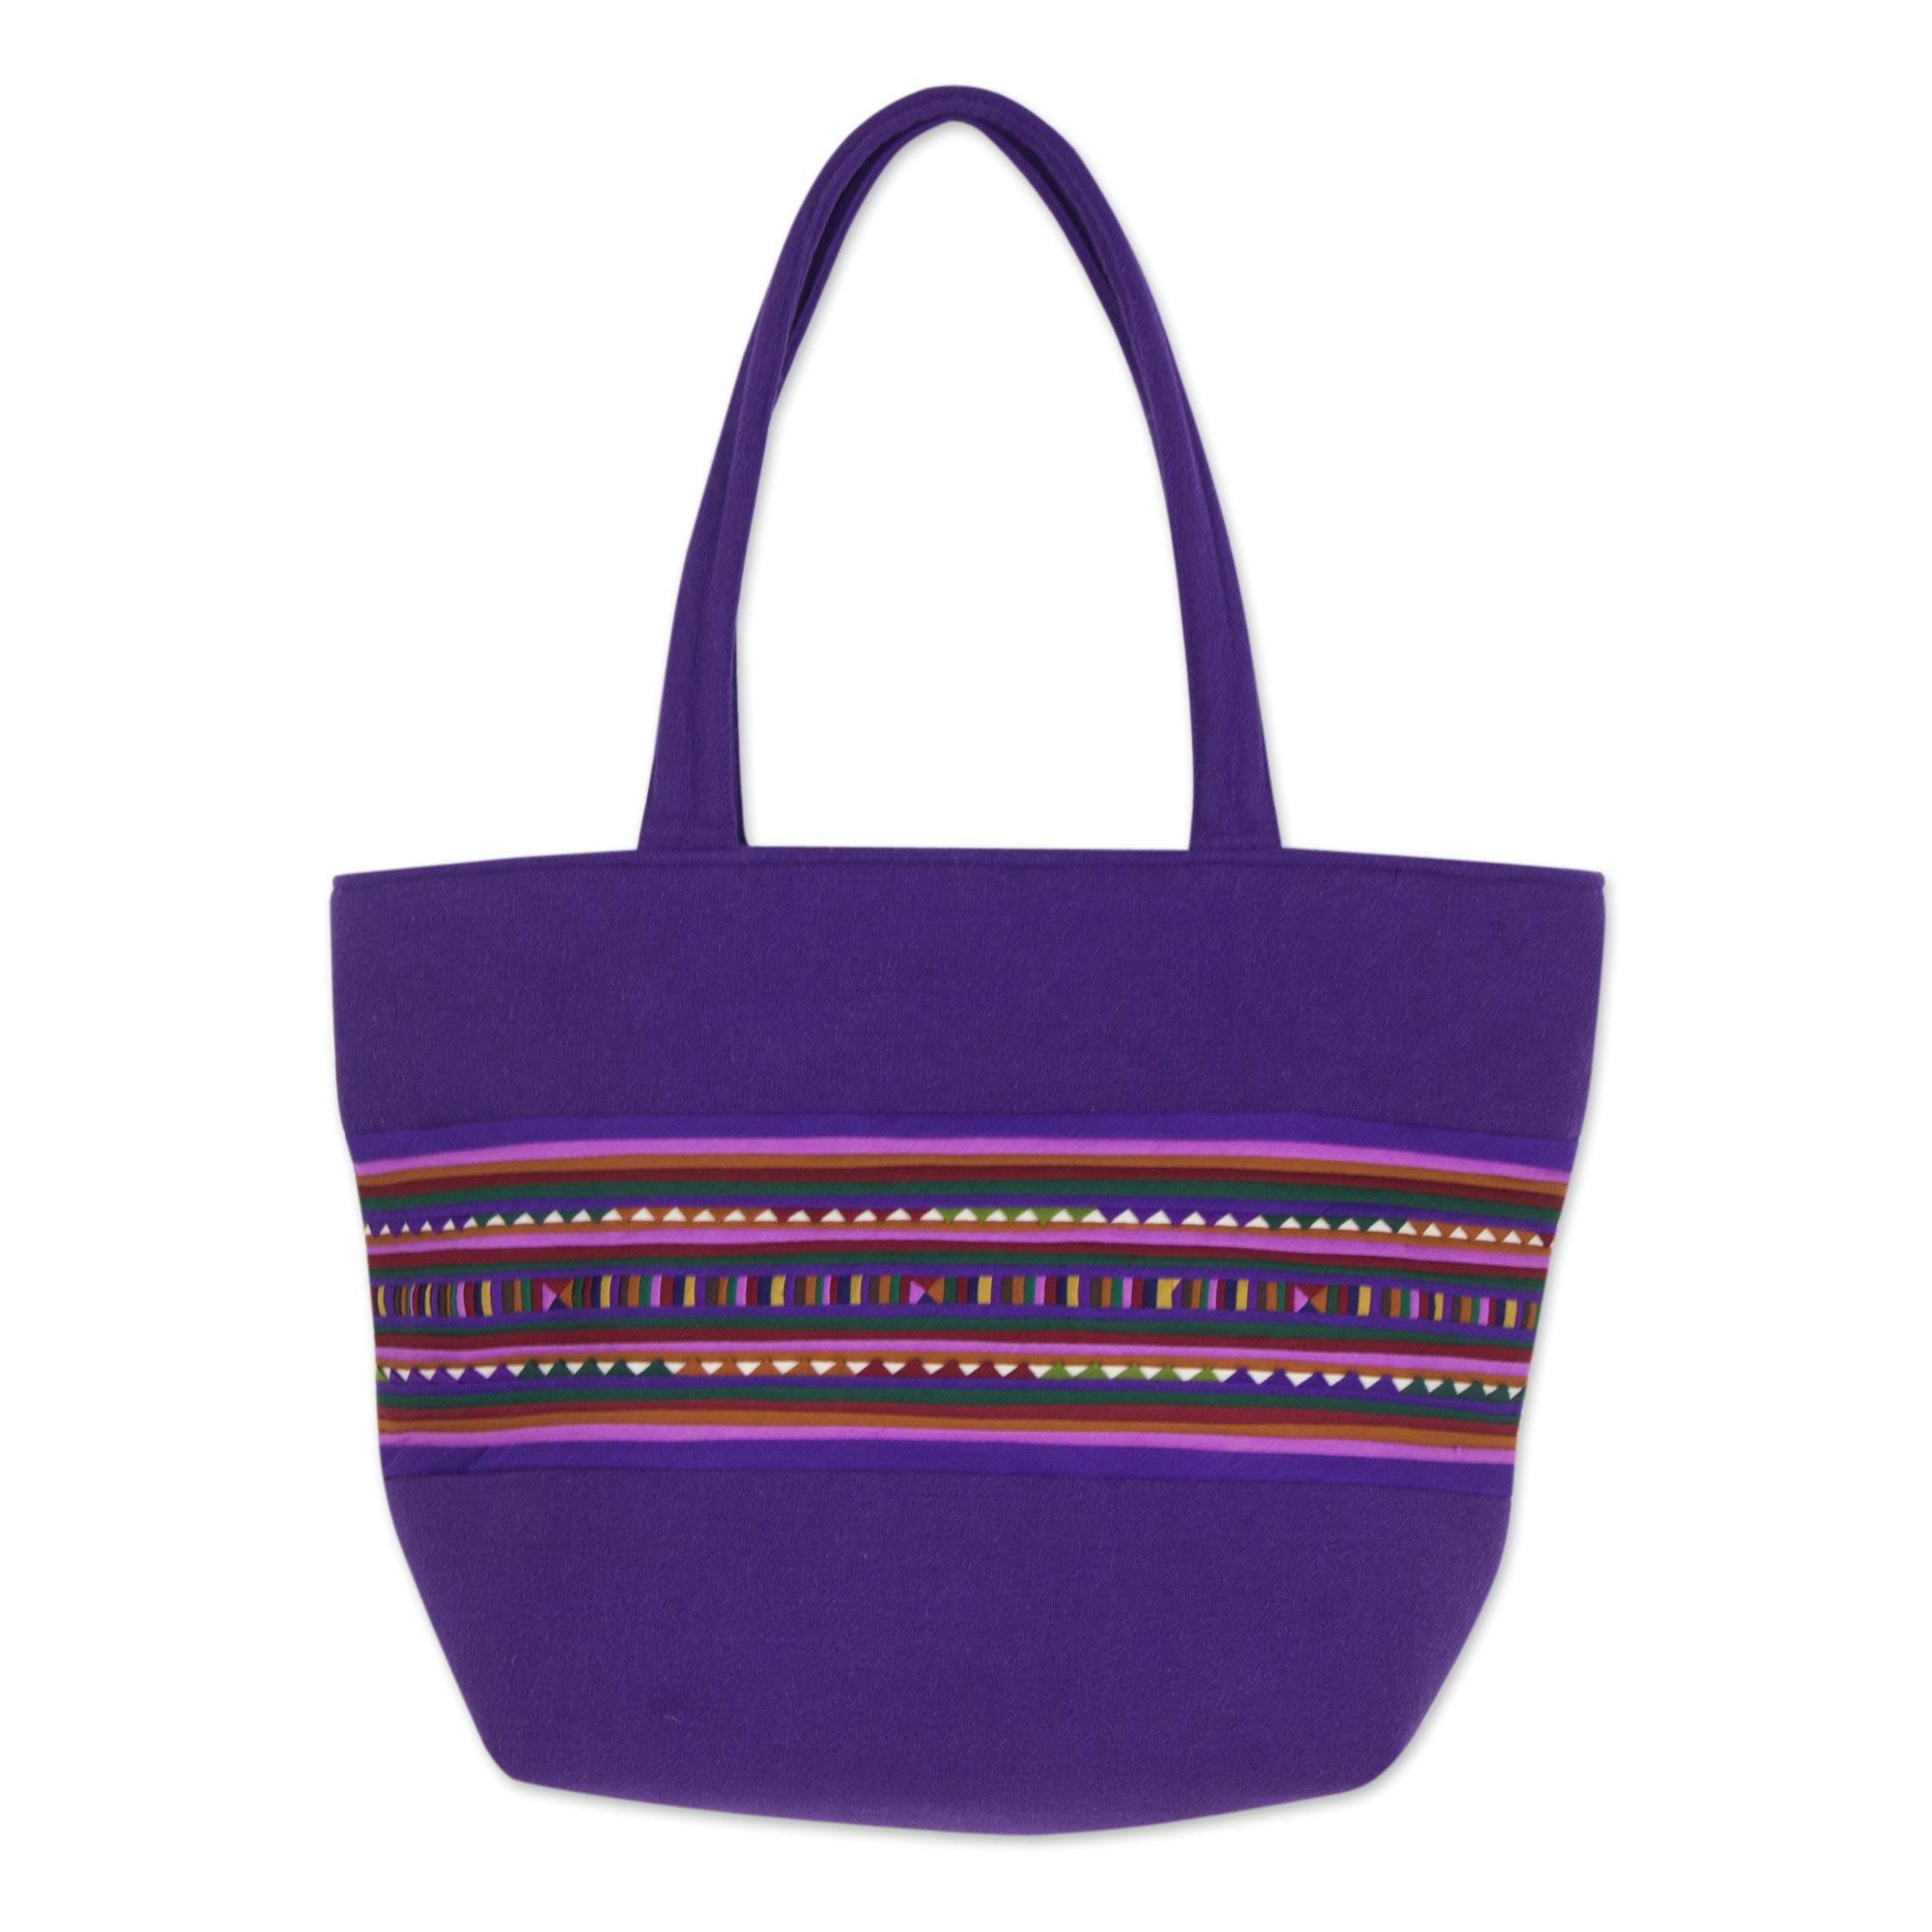 Novica Cotton shoulder bag, Lavender Lisu